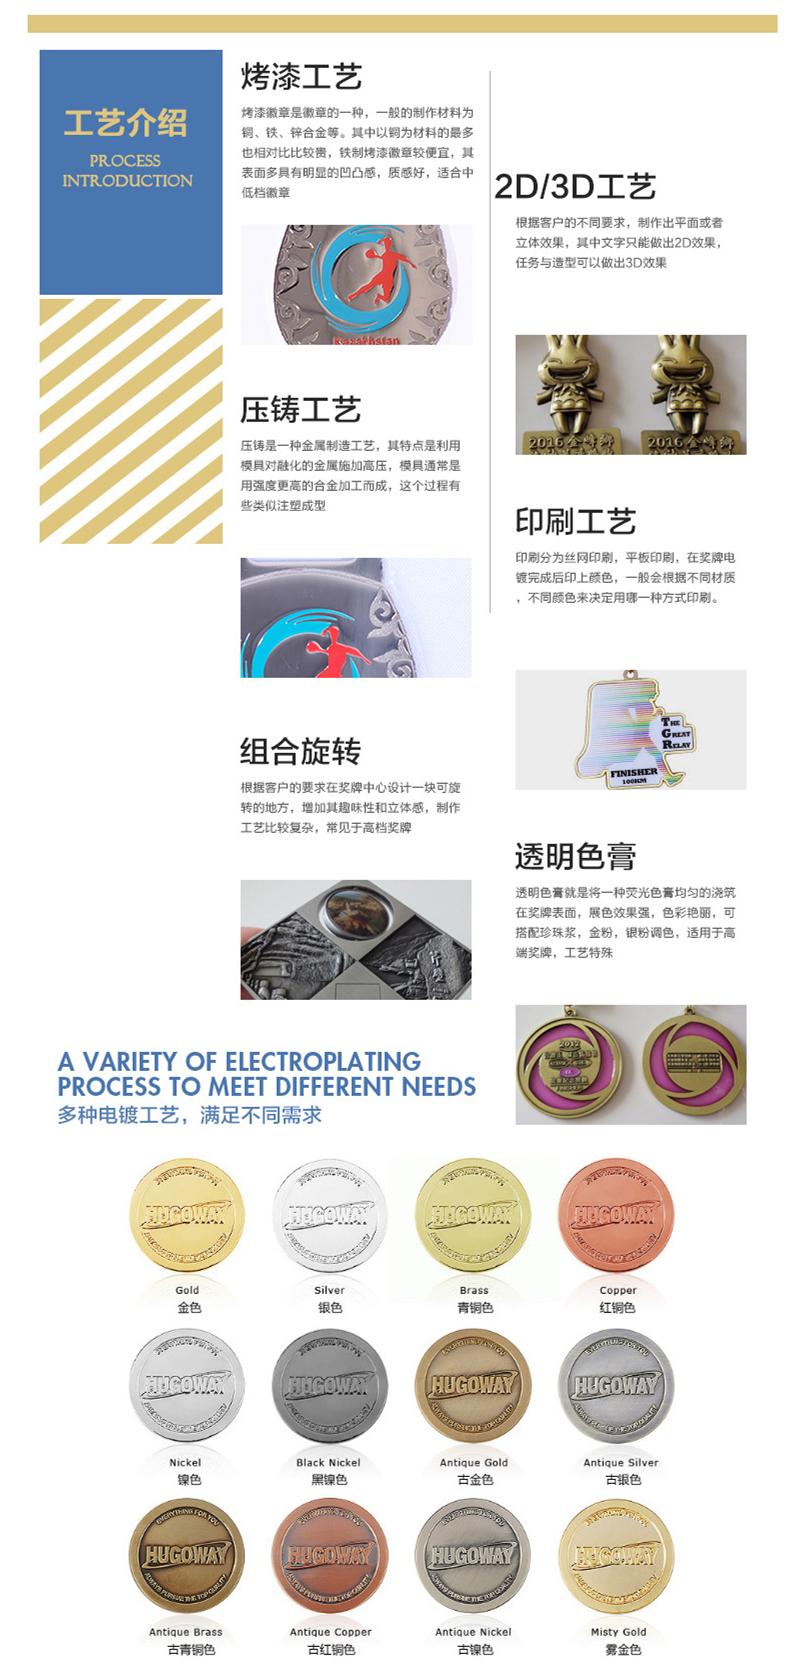 纪念币|纪念币-东莞市樟木头金志五金电子厂